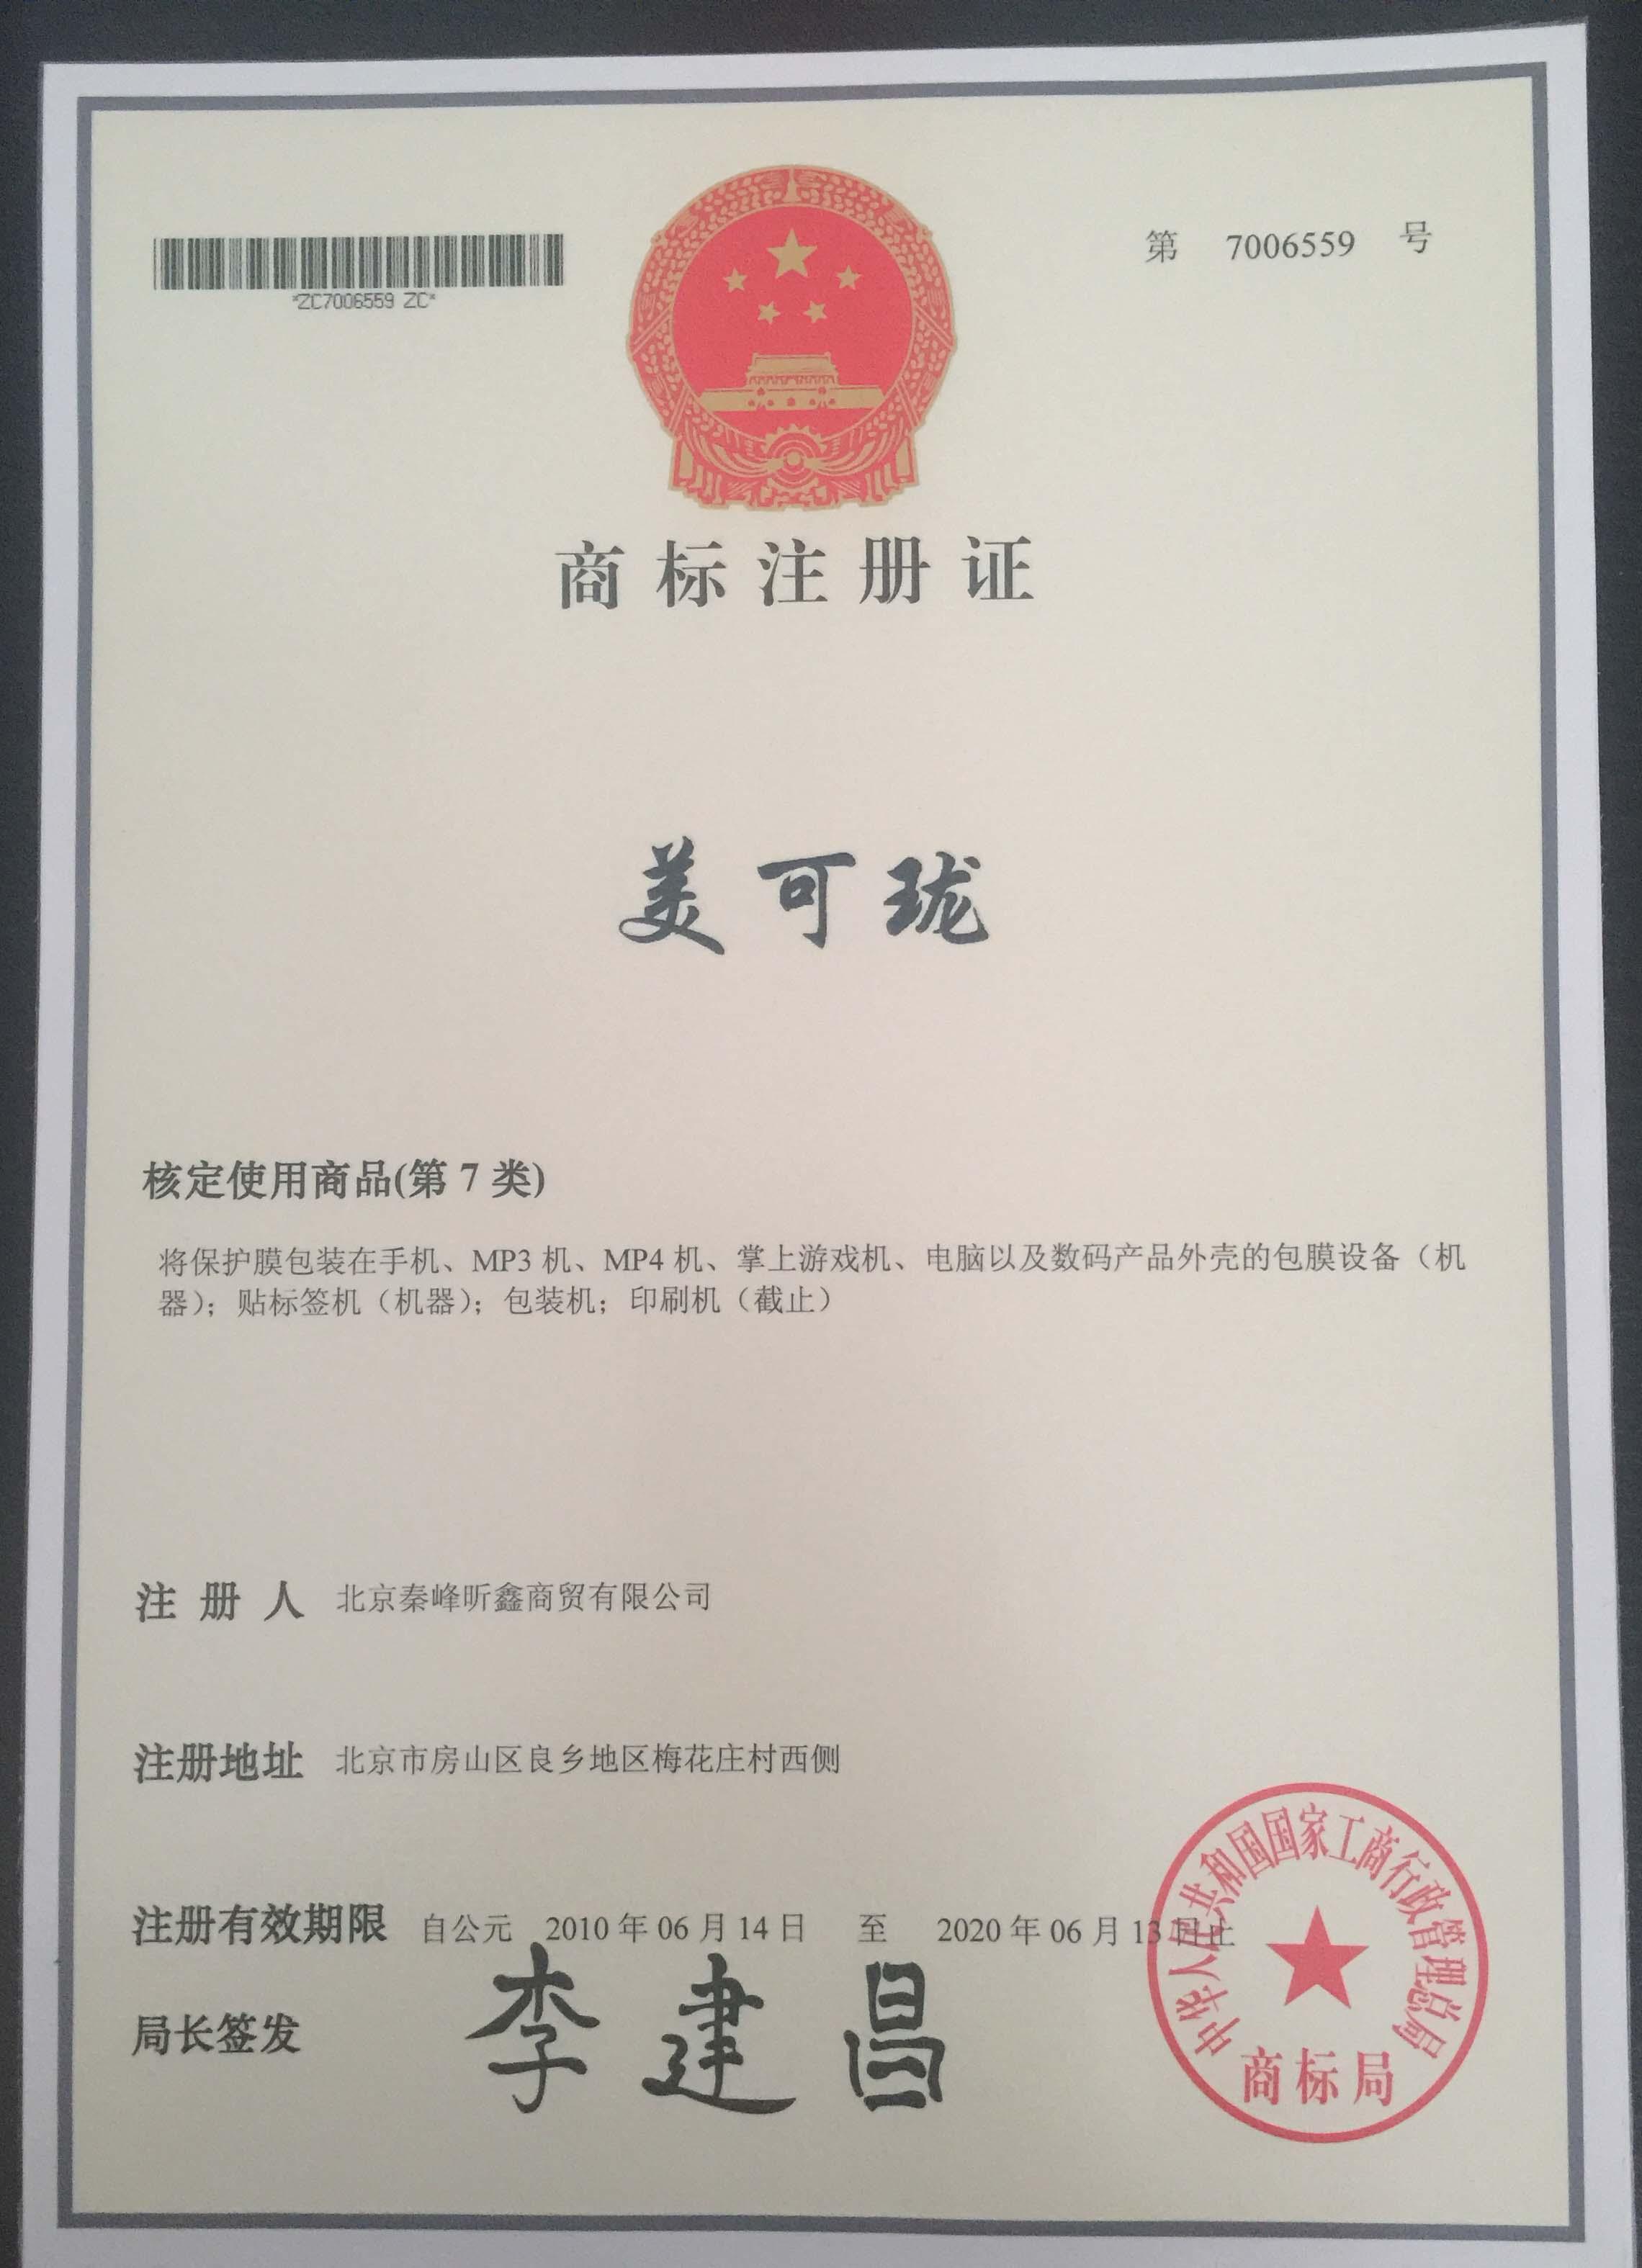 美可珑 7类商标注册证